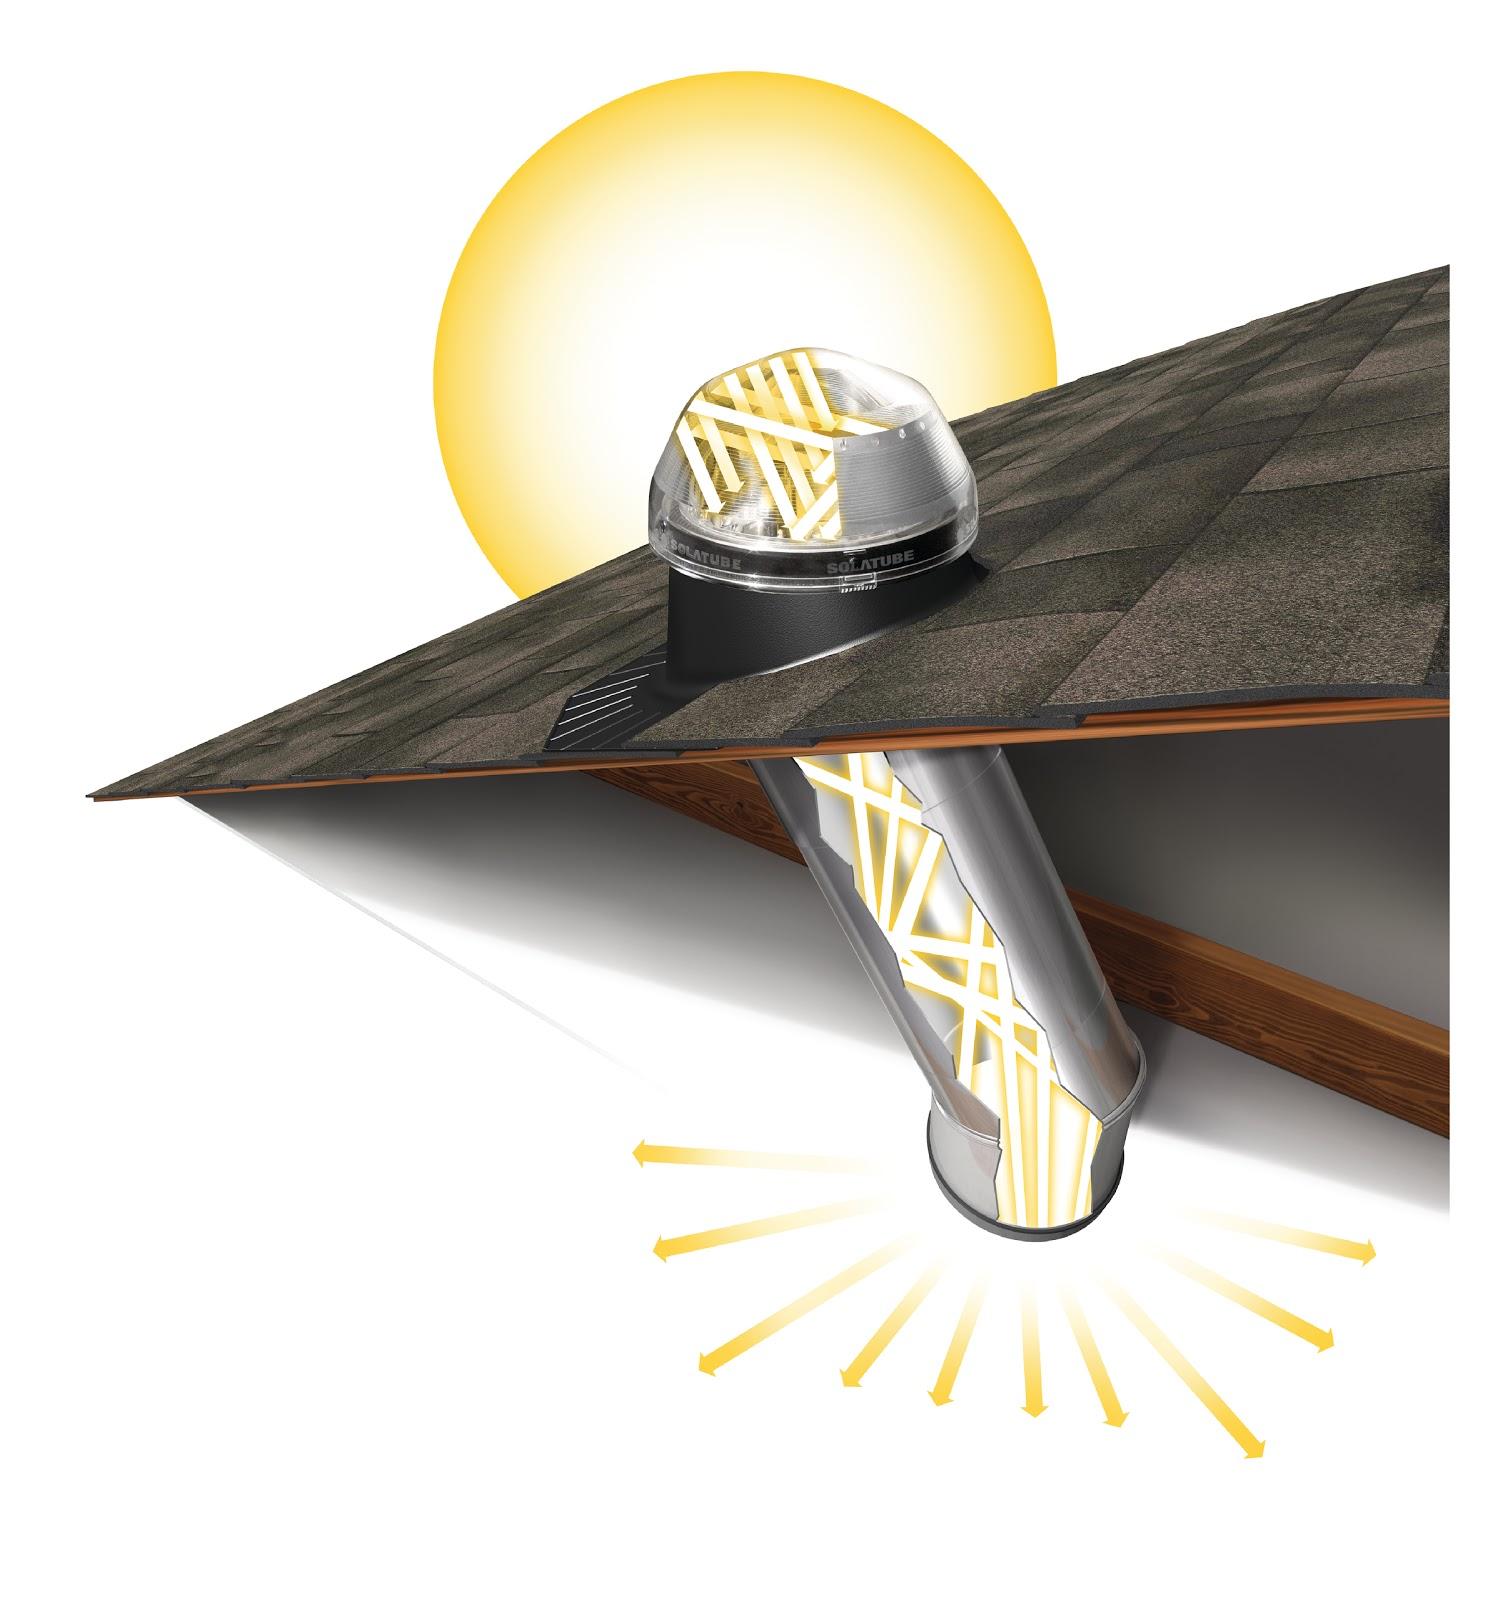 Luz natural solatube porque utilizar la luz natural solatube - Puit de lumiere solatube ...